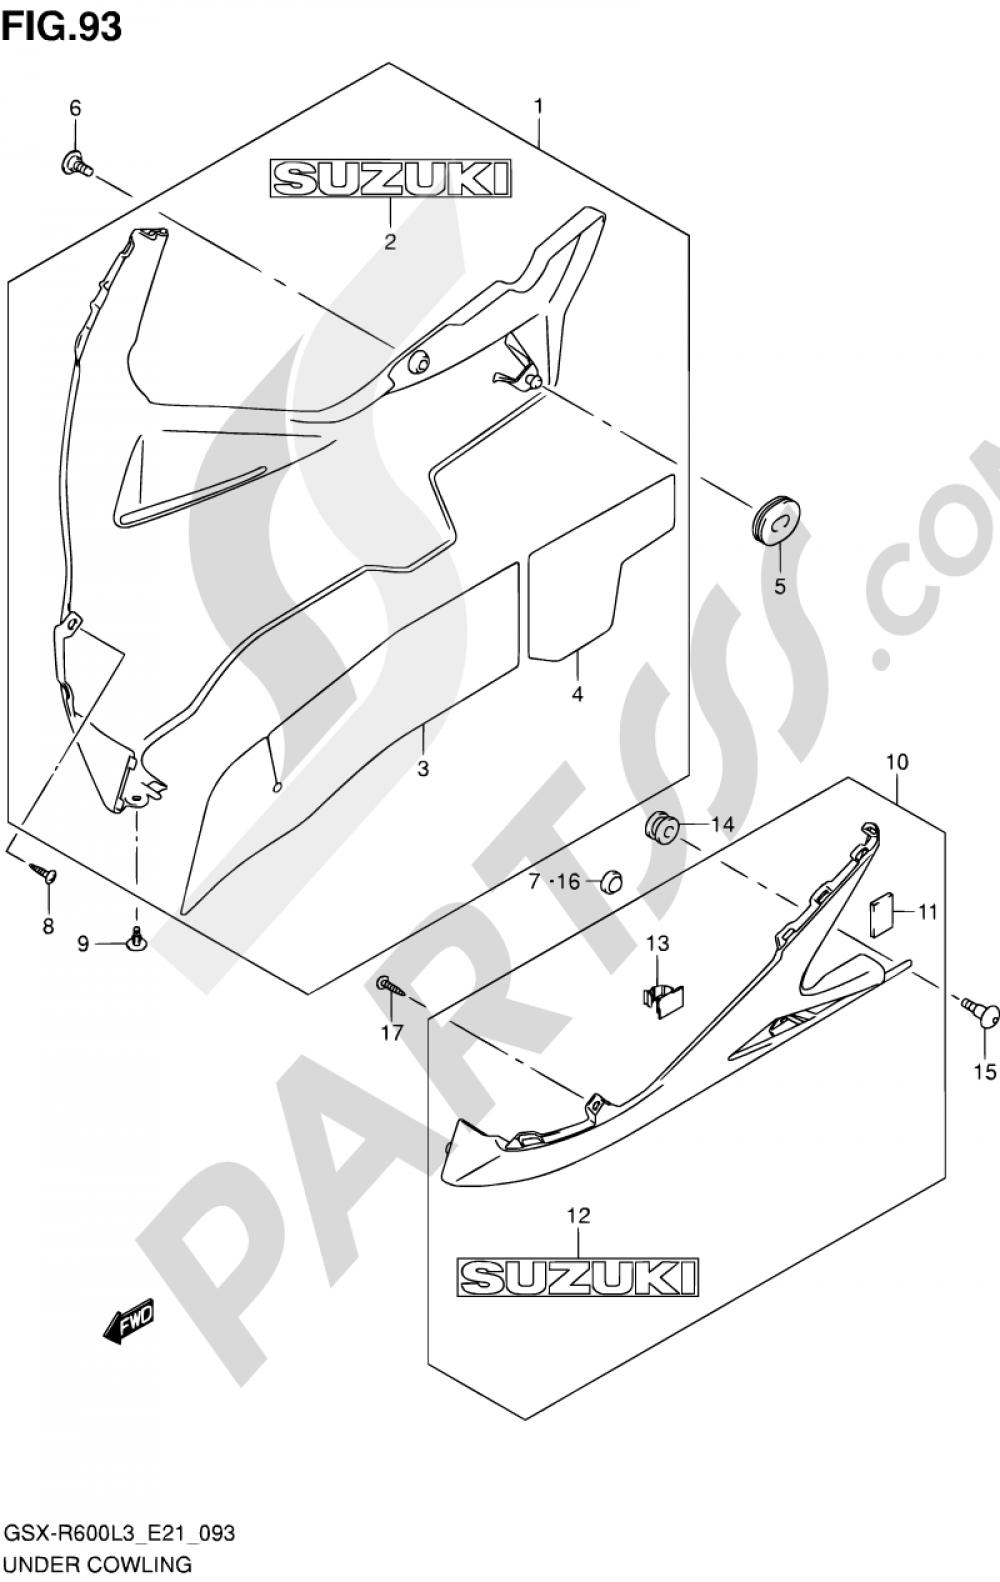 93 - UNDER COWLING Suzuki GSX-R600 2013